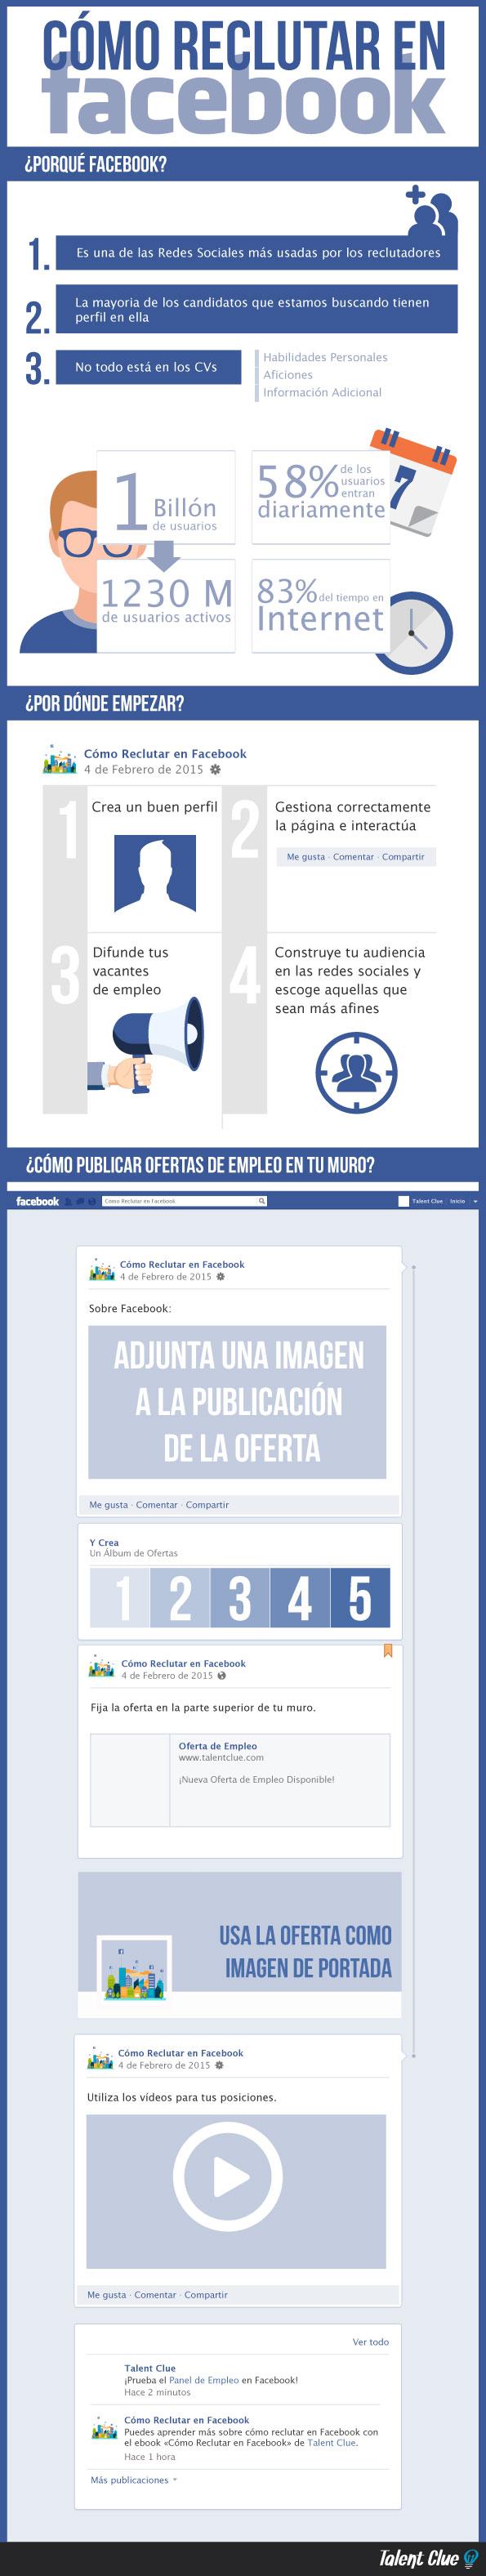 Cómo reclutar en Facebook [INFOGRAFÍA]